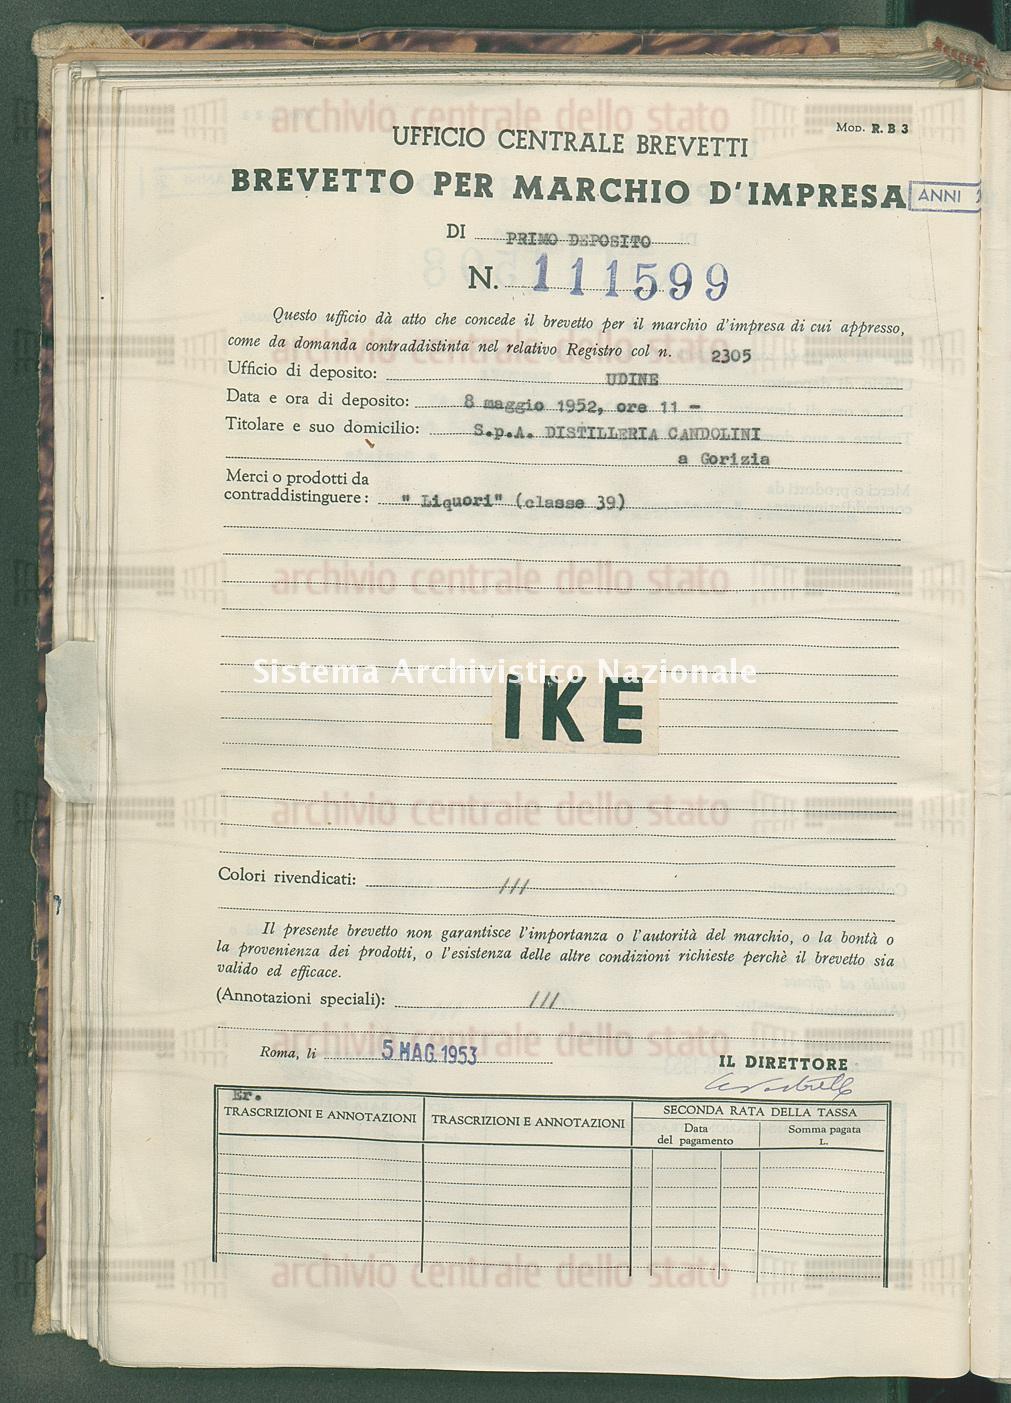 'Liquori' S.P.A.Distilleria Candolini (05/05/1953)